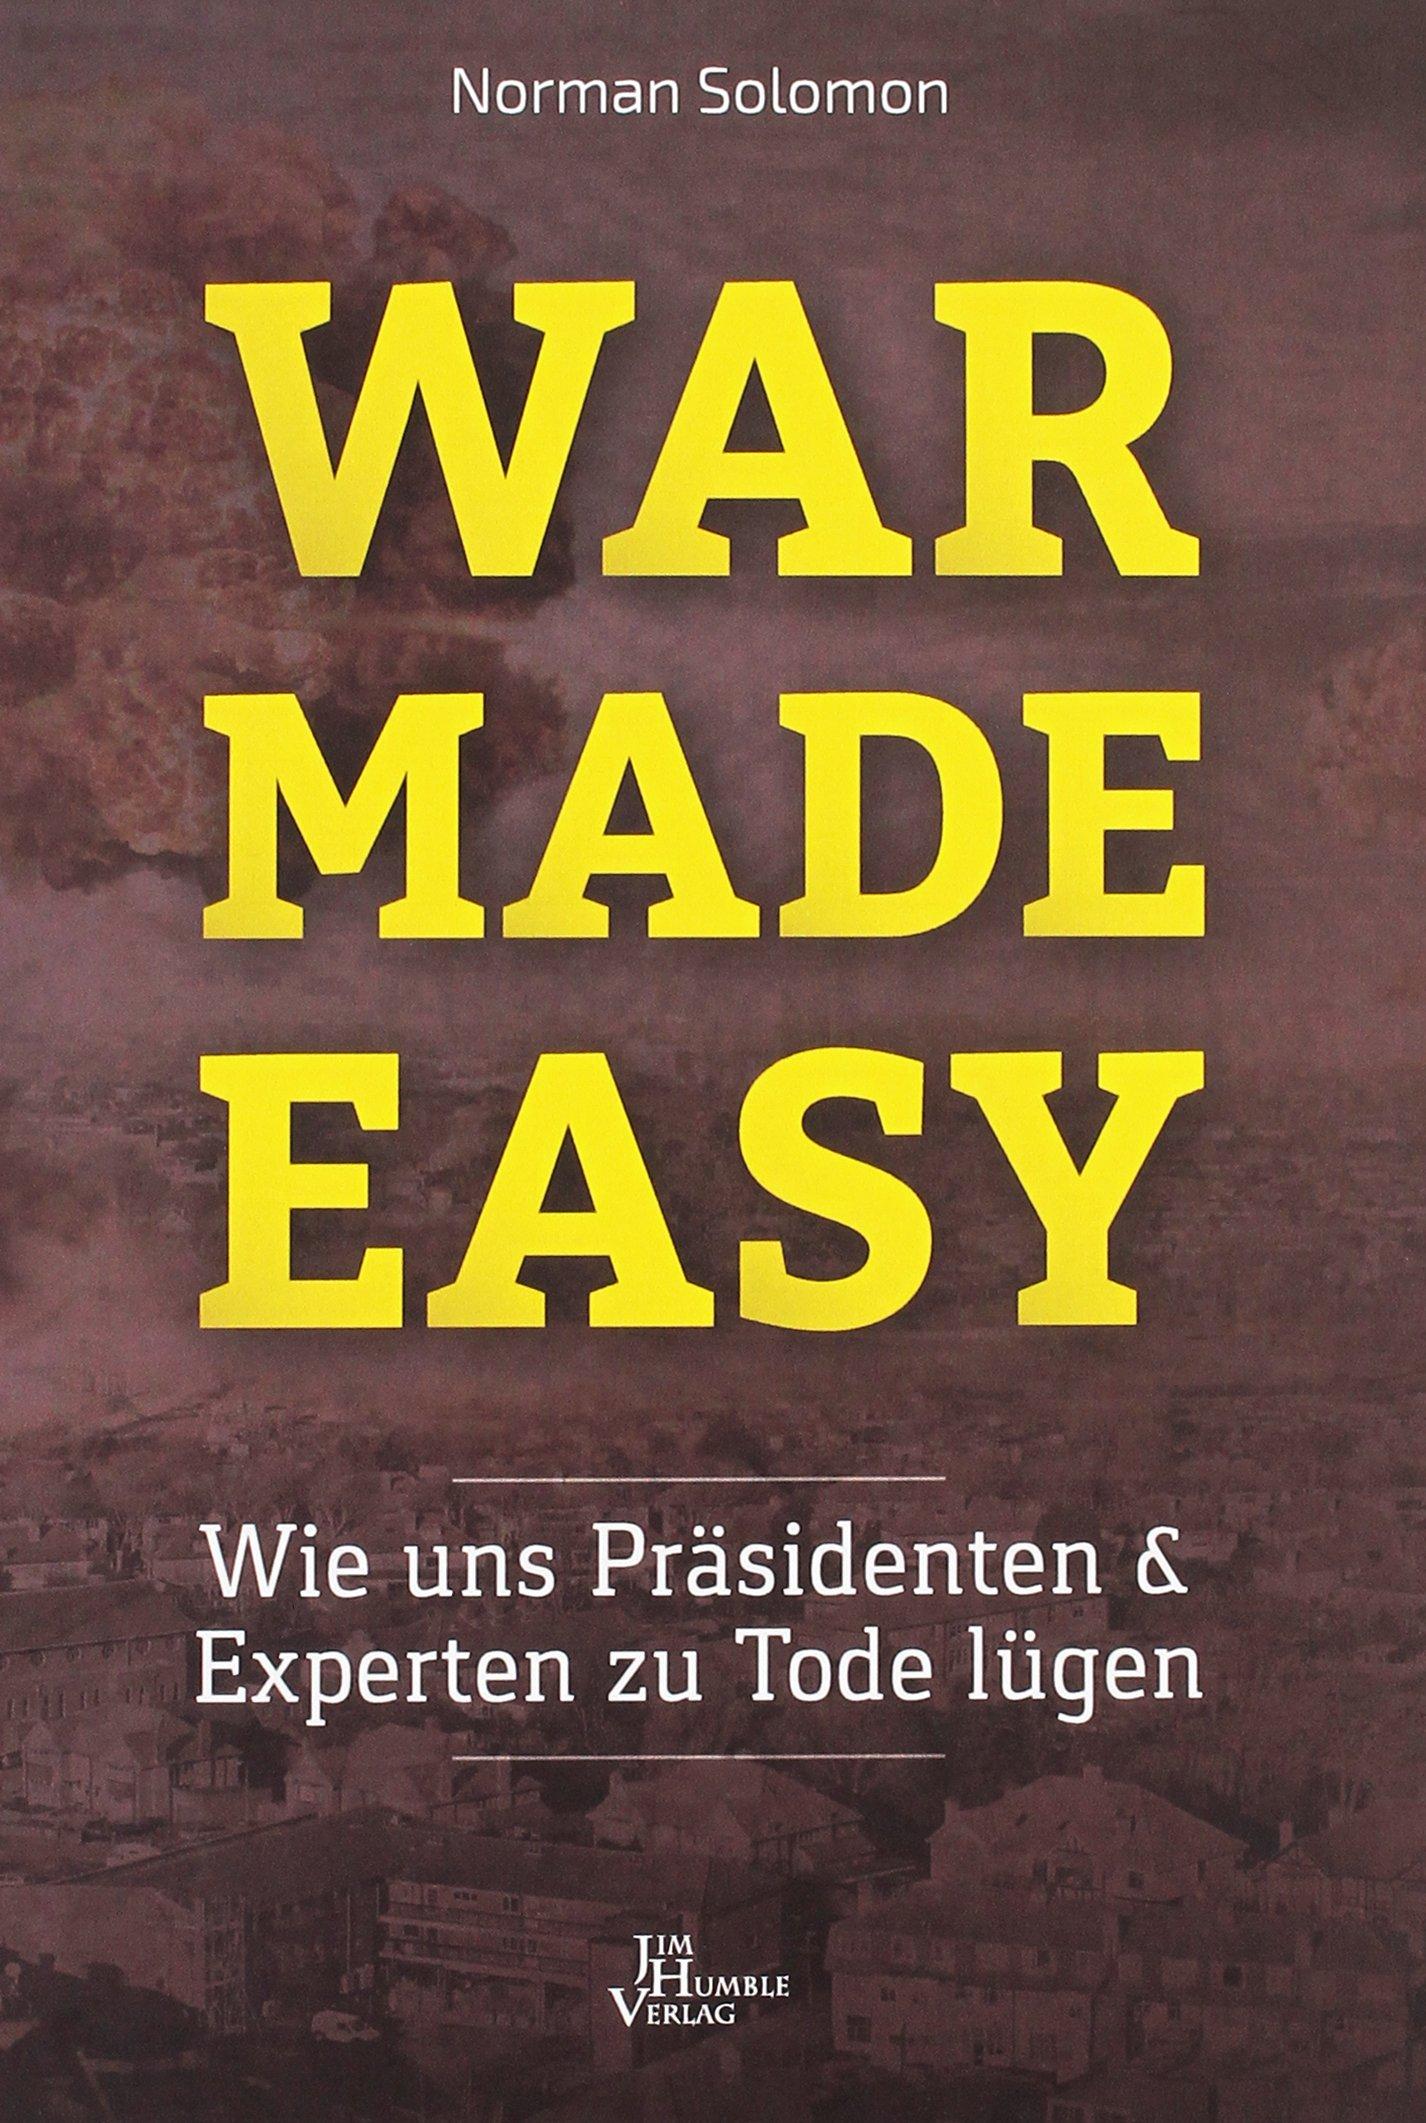 War Made Easy: Wie uns Präsidenten und Experten zu Tode lügen